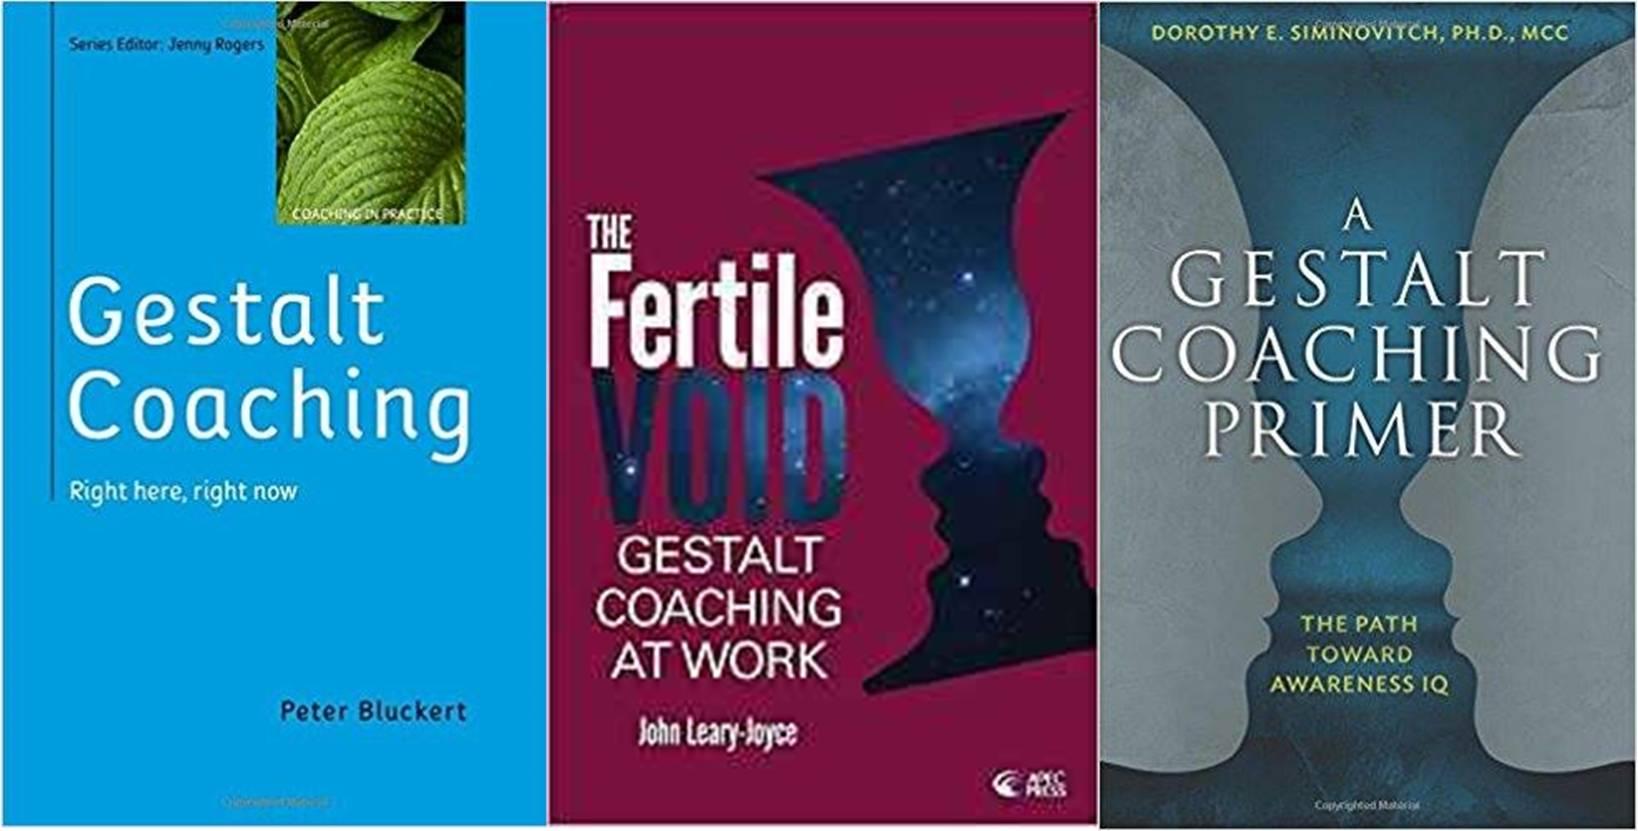 Читать книгу гештальт-подход. свидетель терапии фридриха с. перлза : онлайн чтение - страница 1